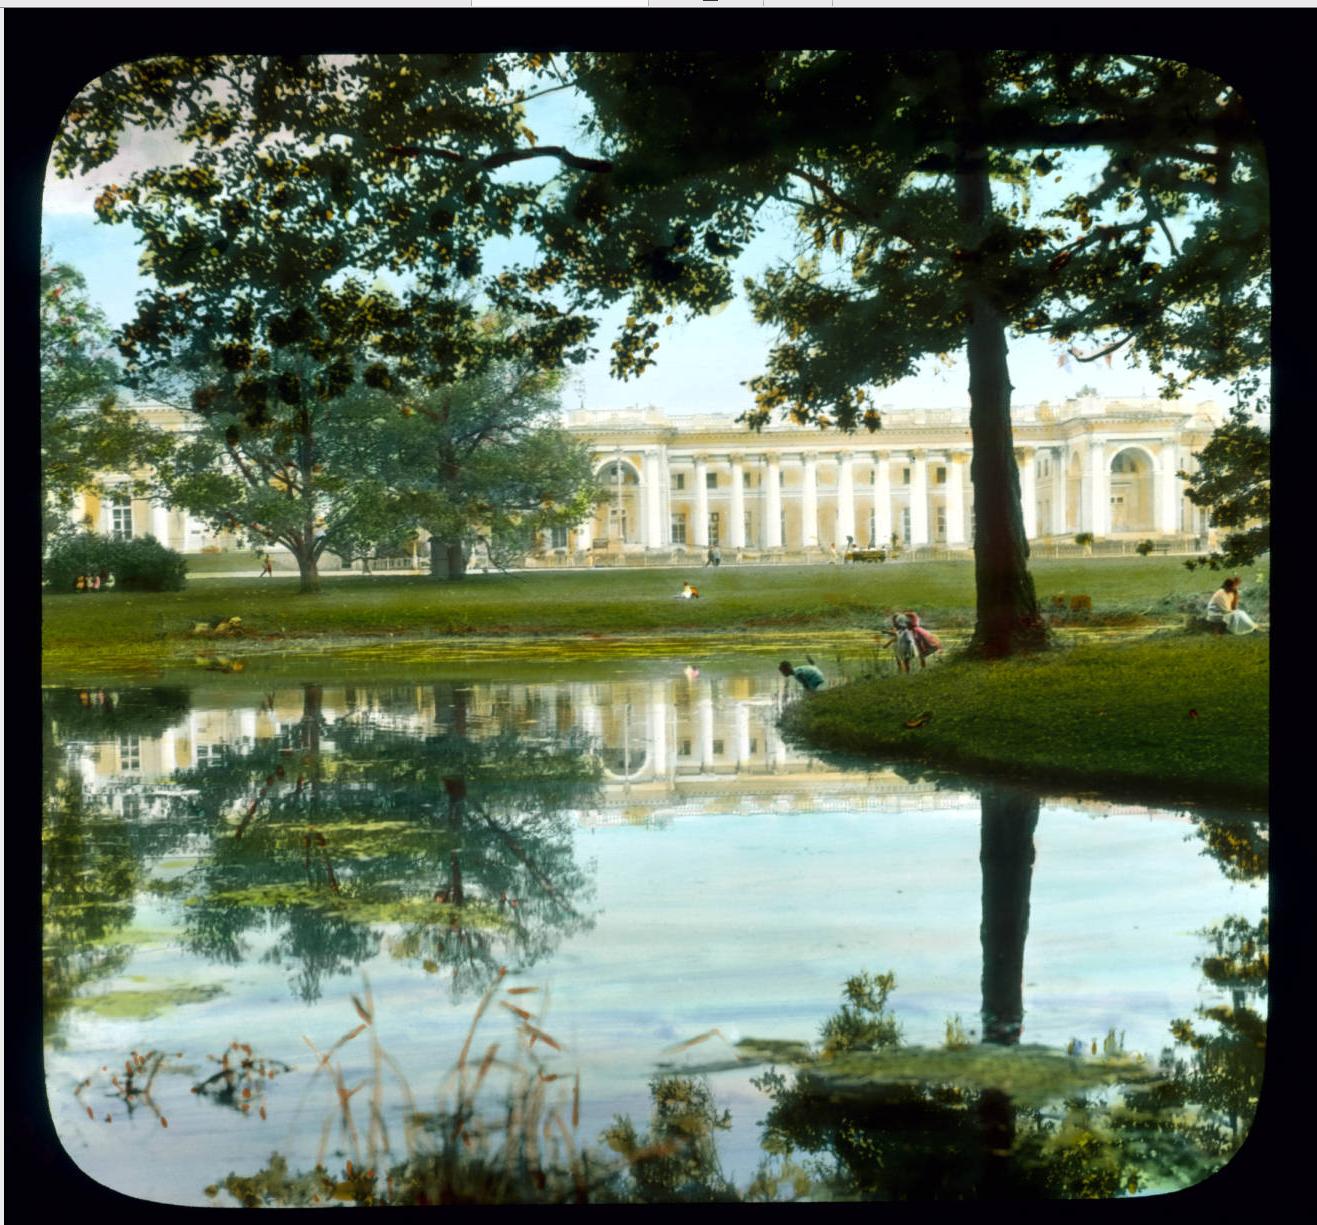 Пушкин (Царское Село). Александровский дворец